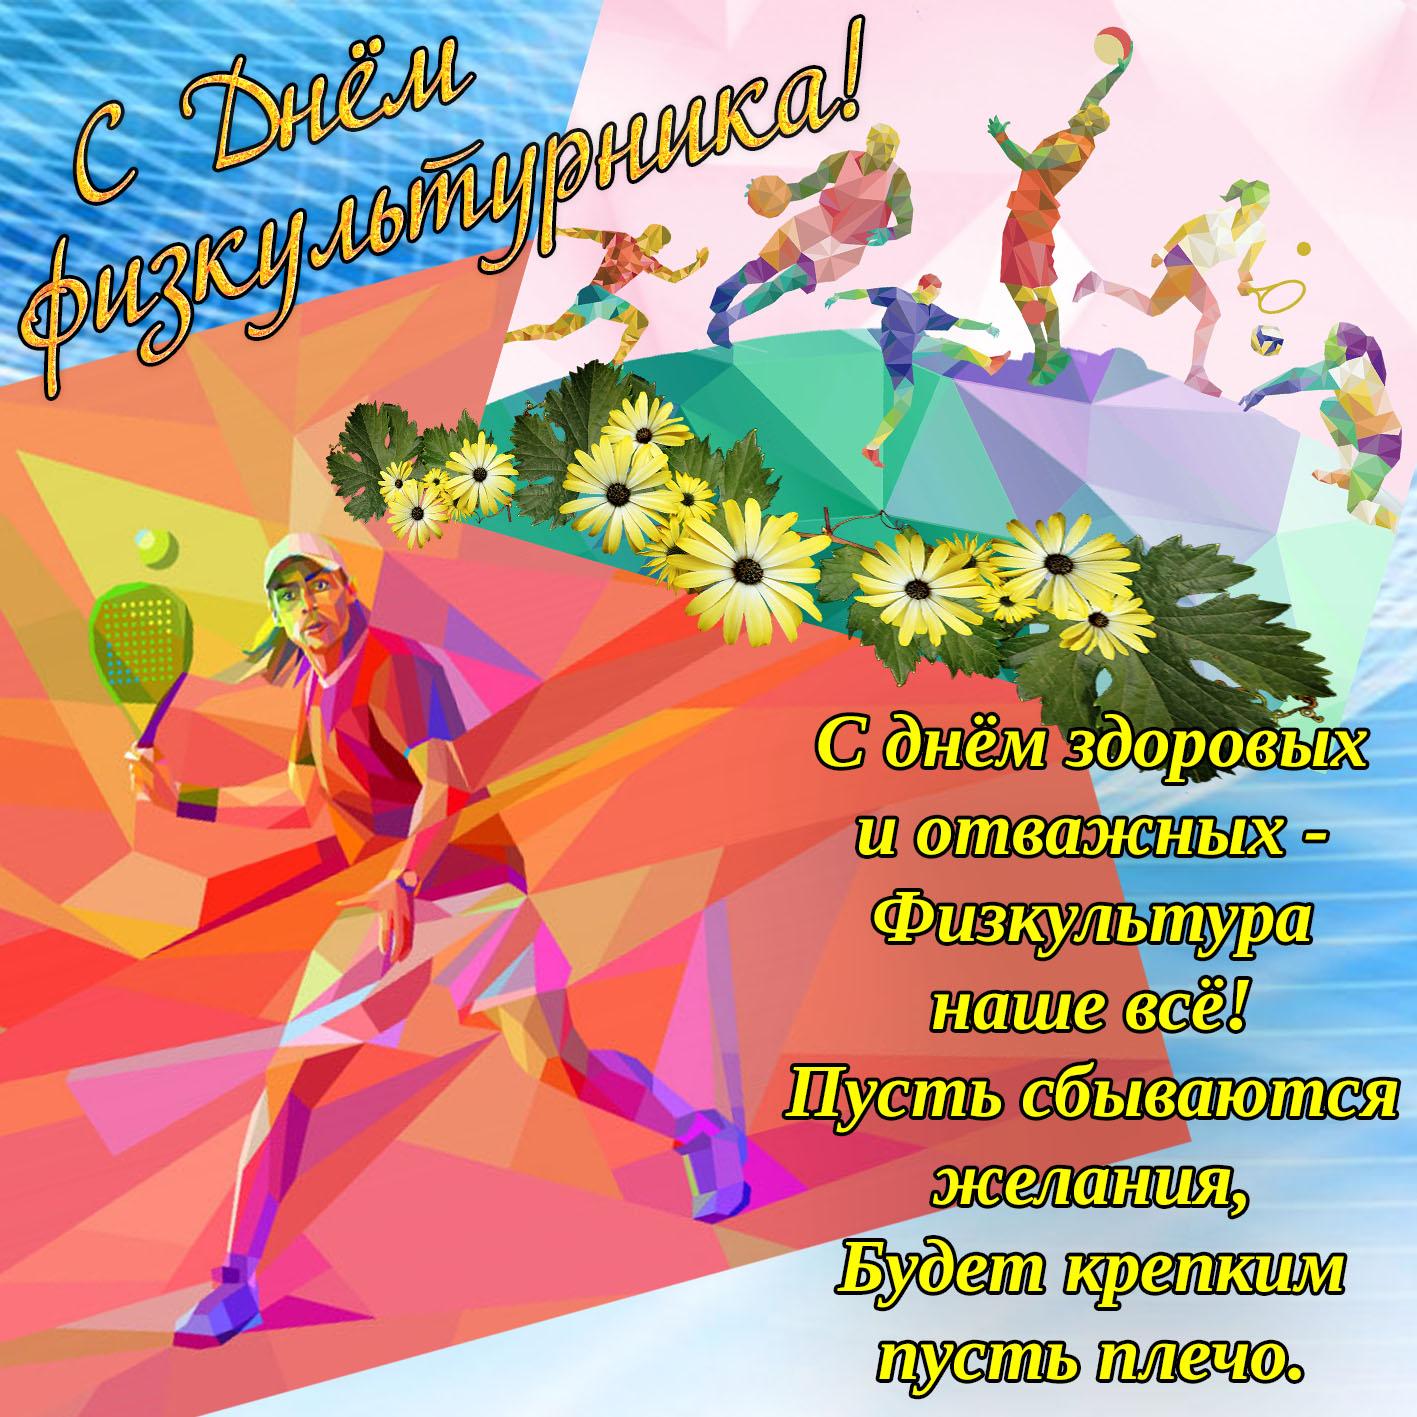 Поздравления ко дню физкультурника открытки, картинками для девочек